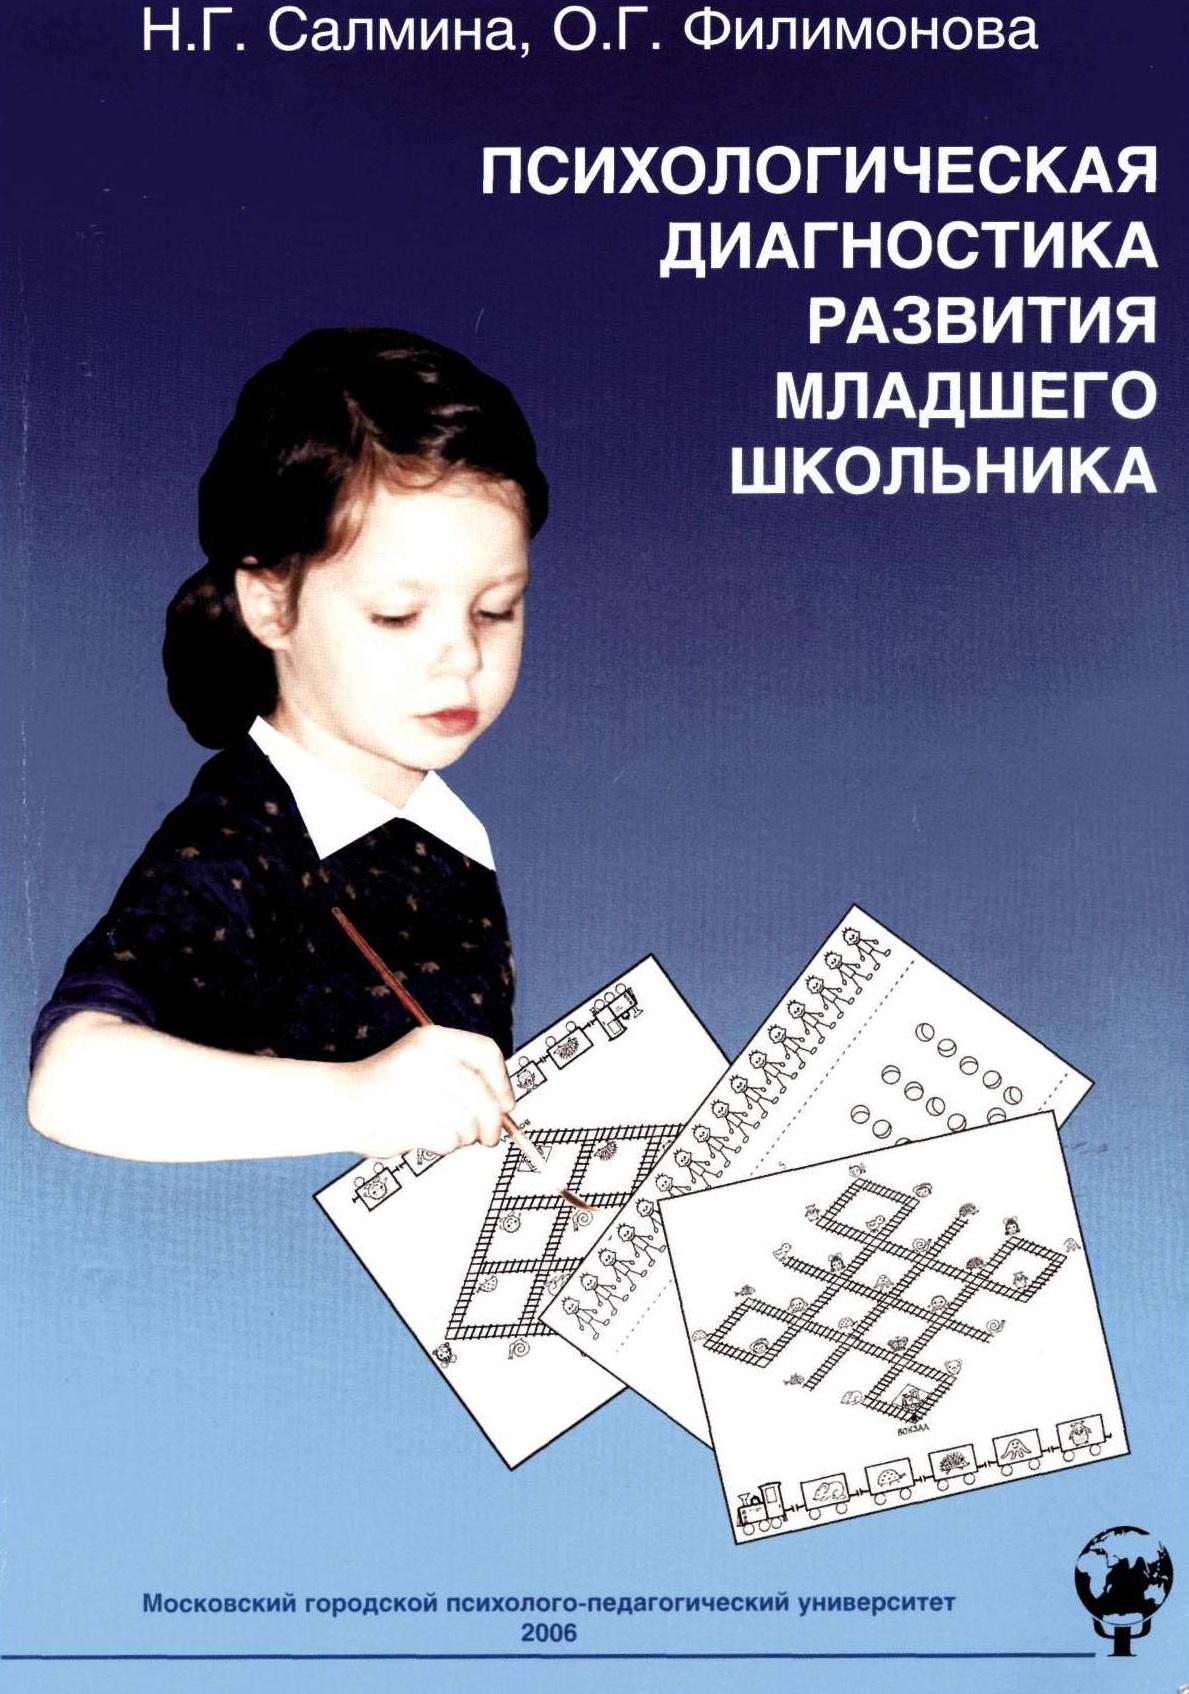 Психологическая диагностика развития младшего школьника